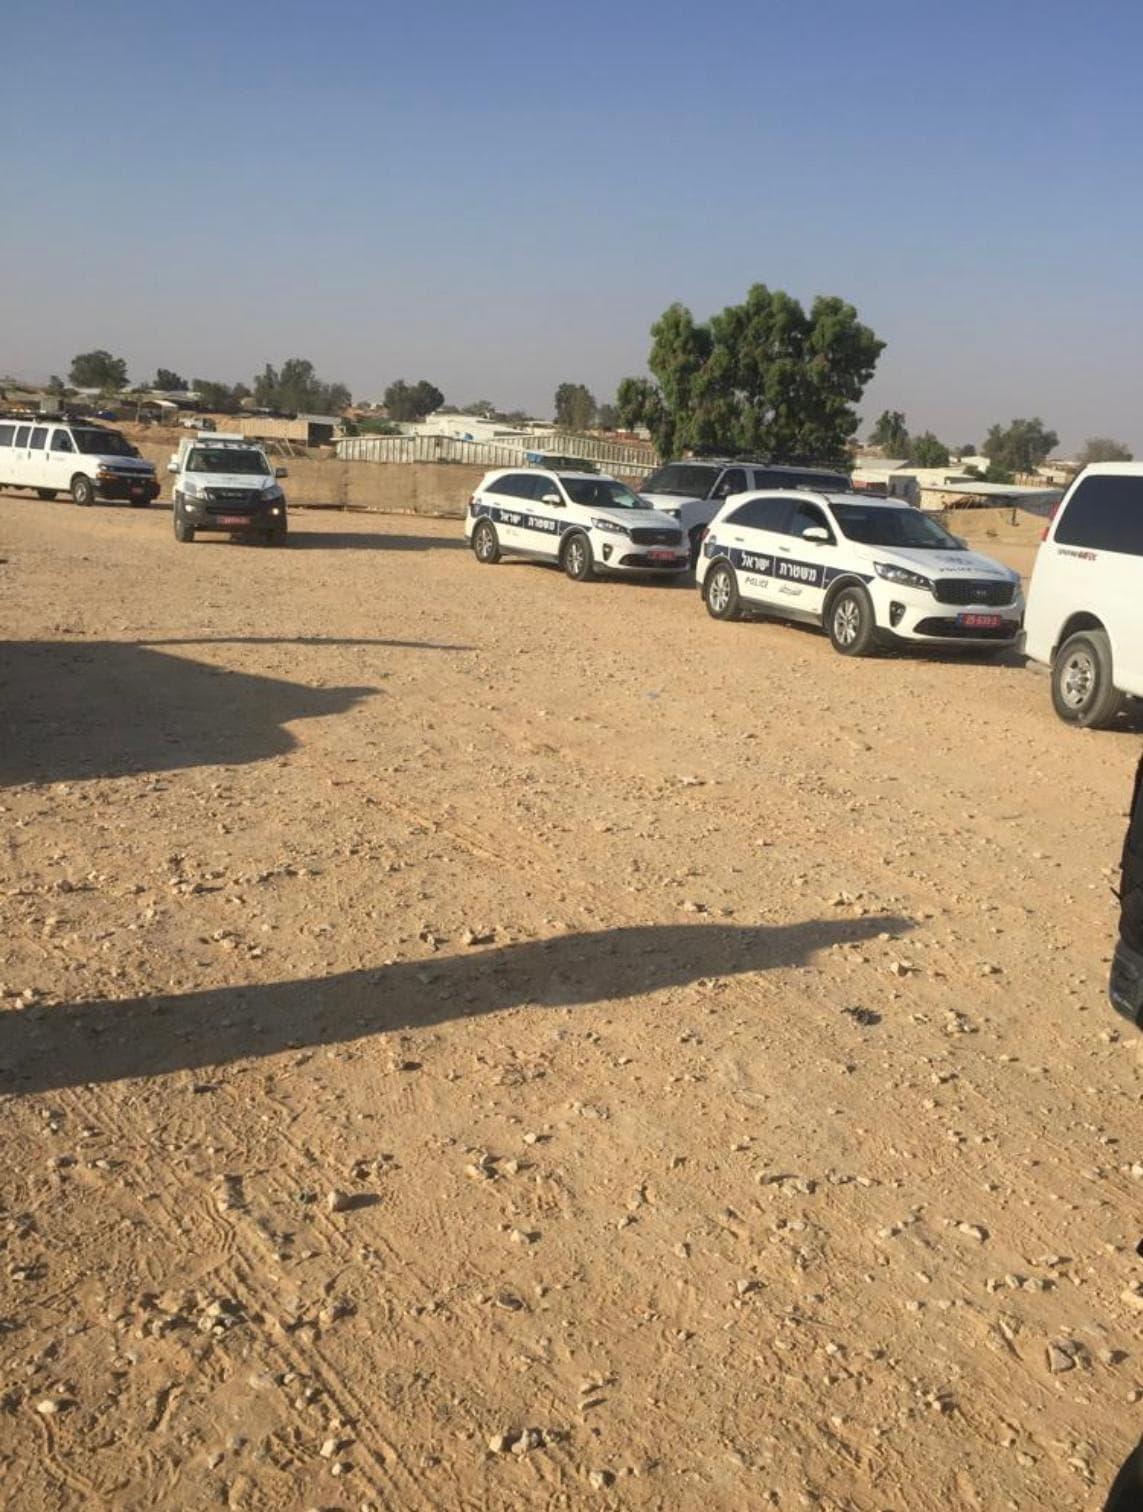 כוחות המשטרה והסיירת הירוקה בביר האדג' ביום השבעת הממשלה, 12 ביוני 2021 (צילום: סלמאן אבן חמיד)